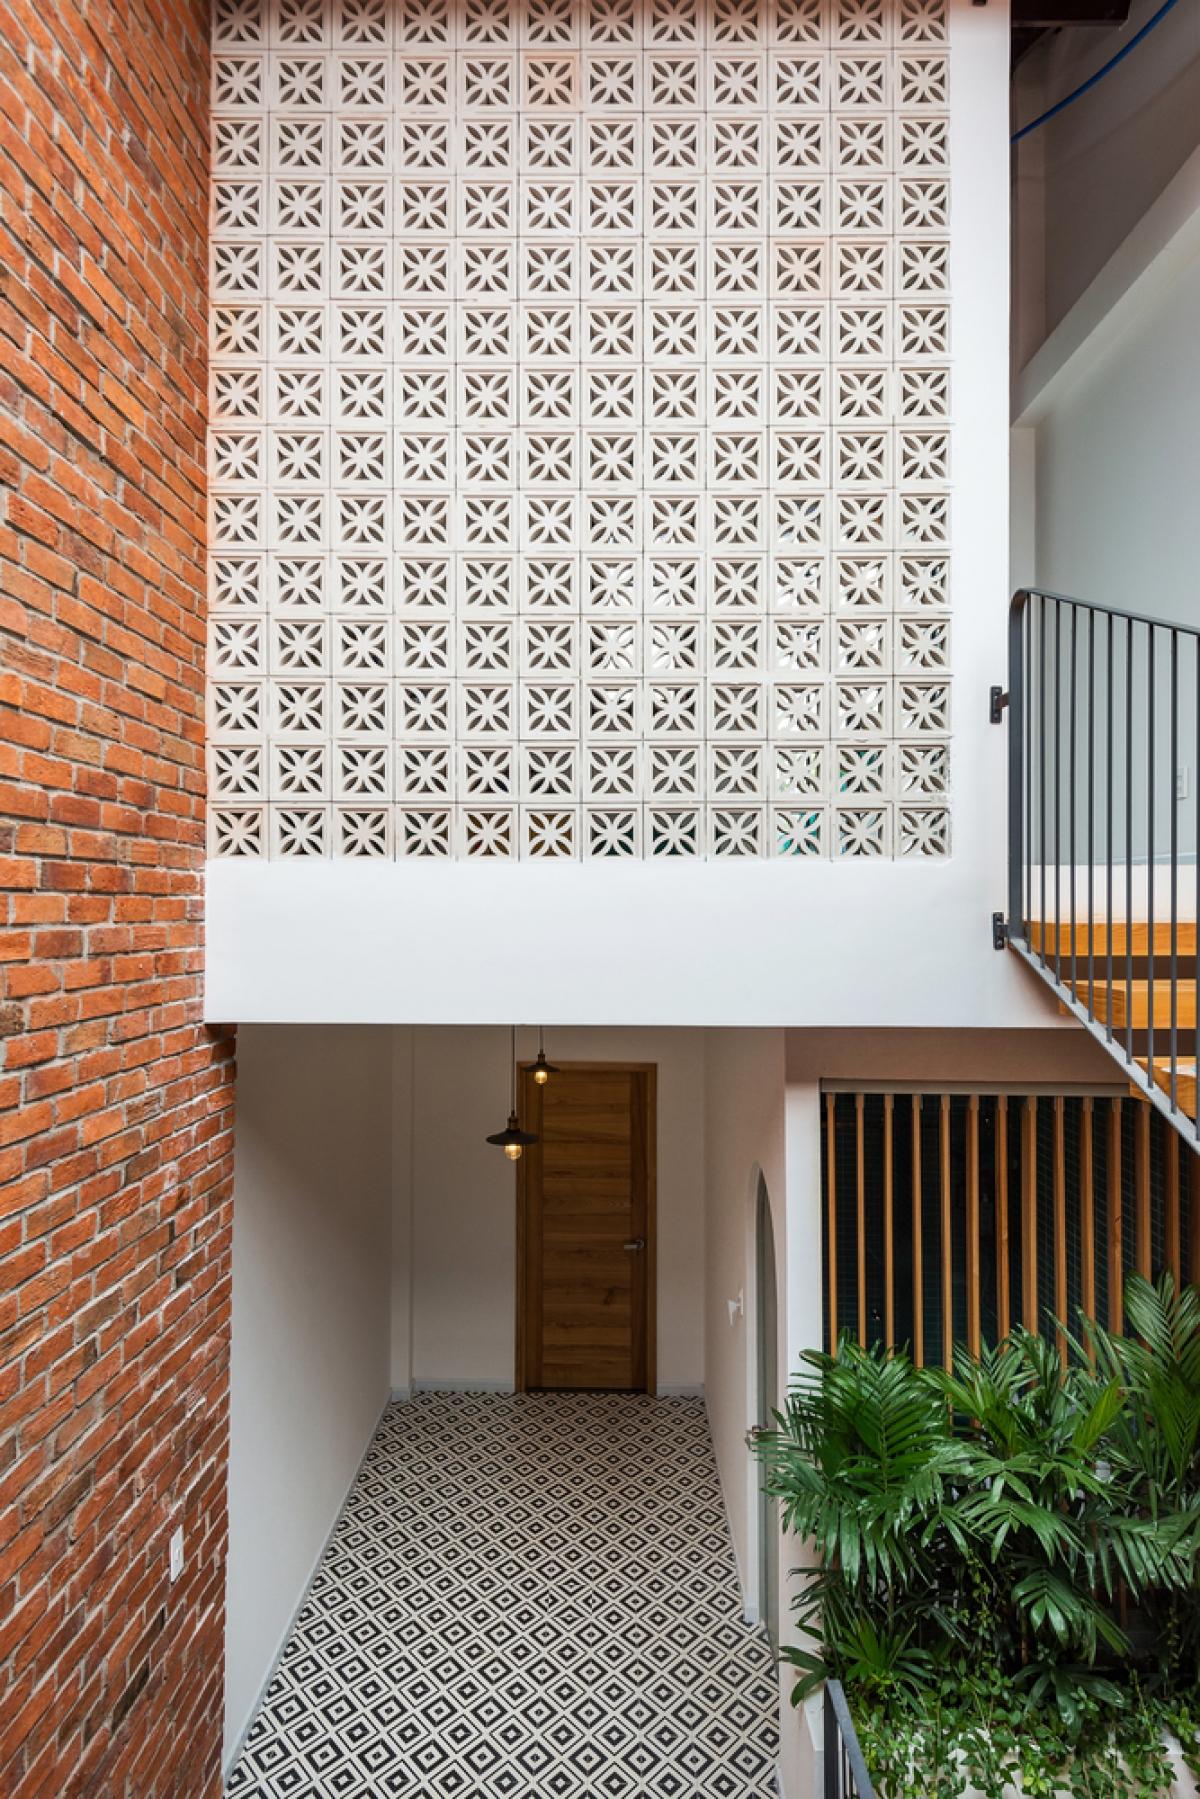 Tầng trệt bắt đầu với lối vào lệch tầng để đưa ánh sáng và gió vào sâu trong nhà.